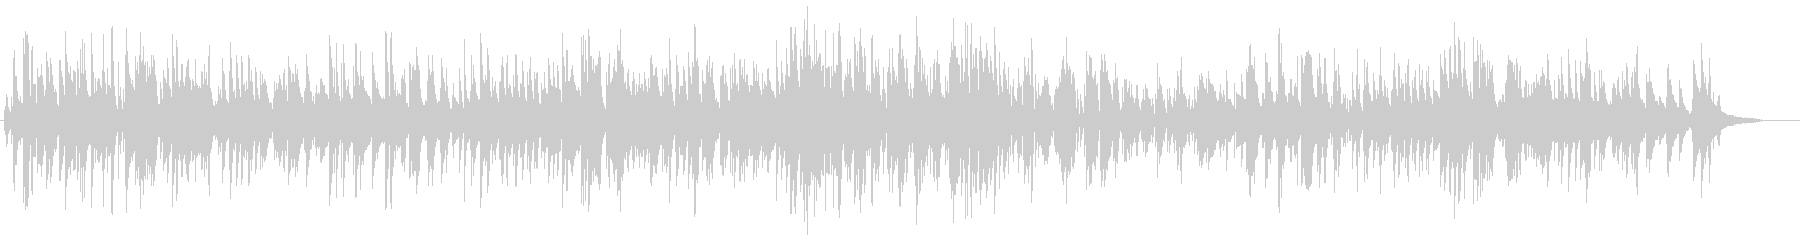 生演奏高音質のジャズバラードですの未再生の波形